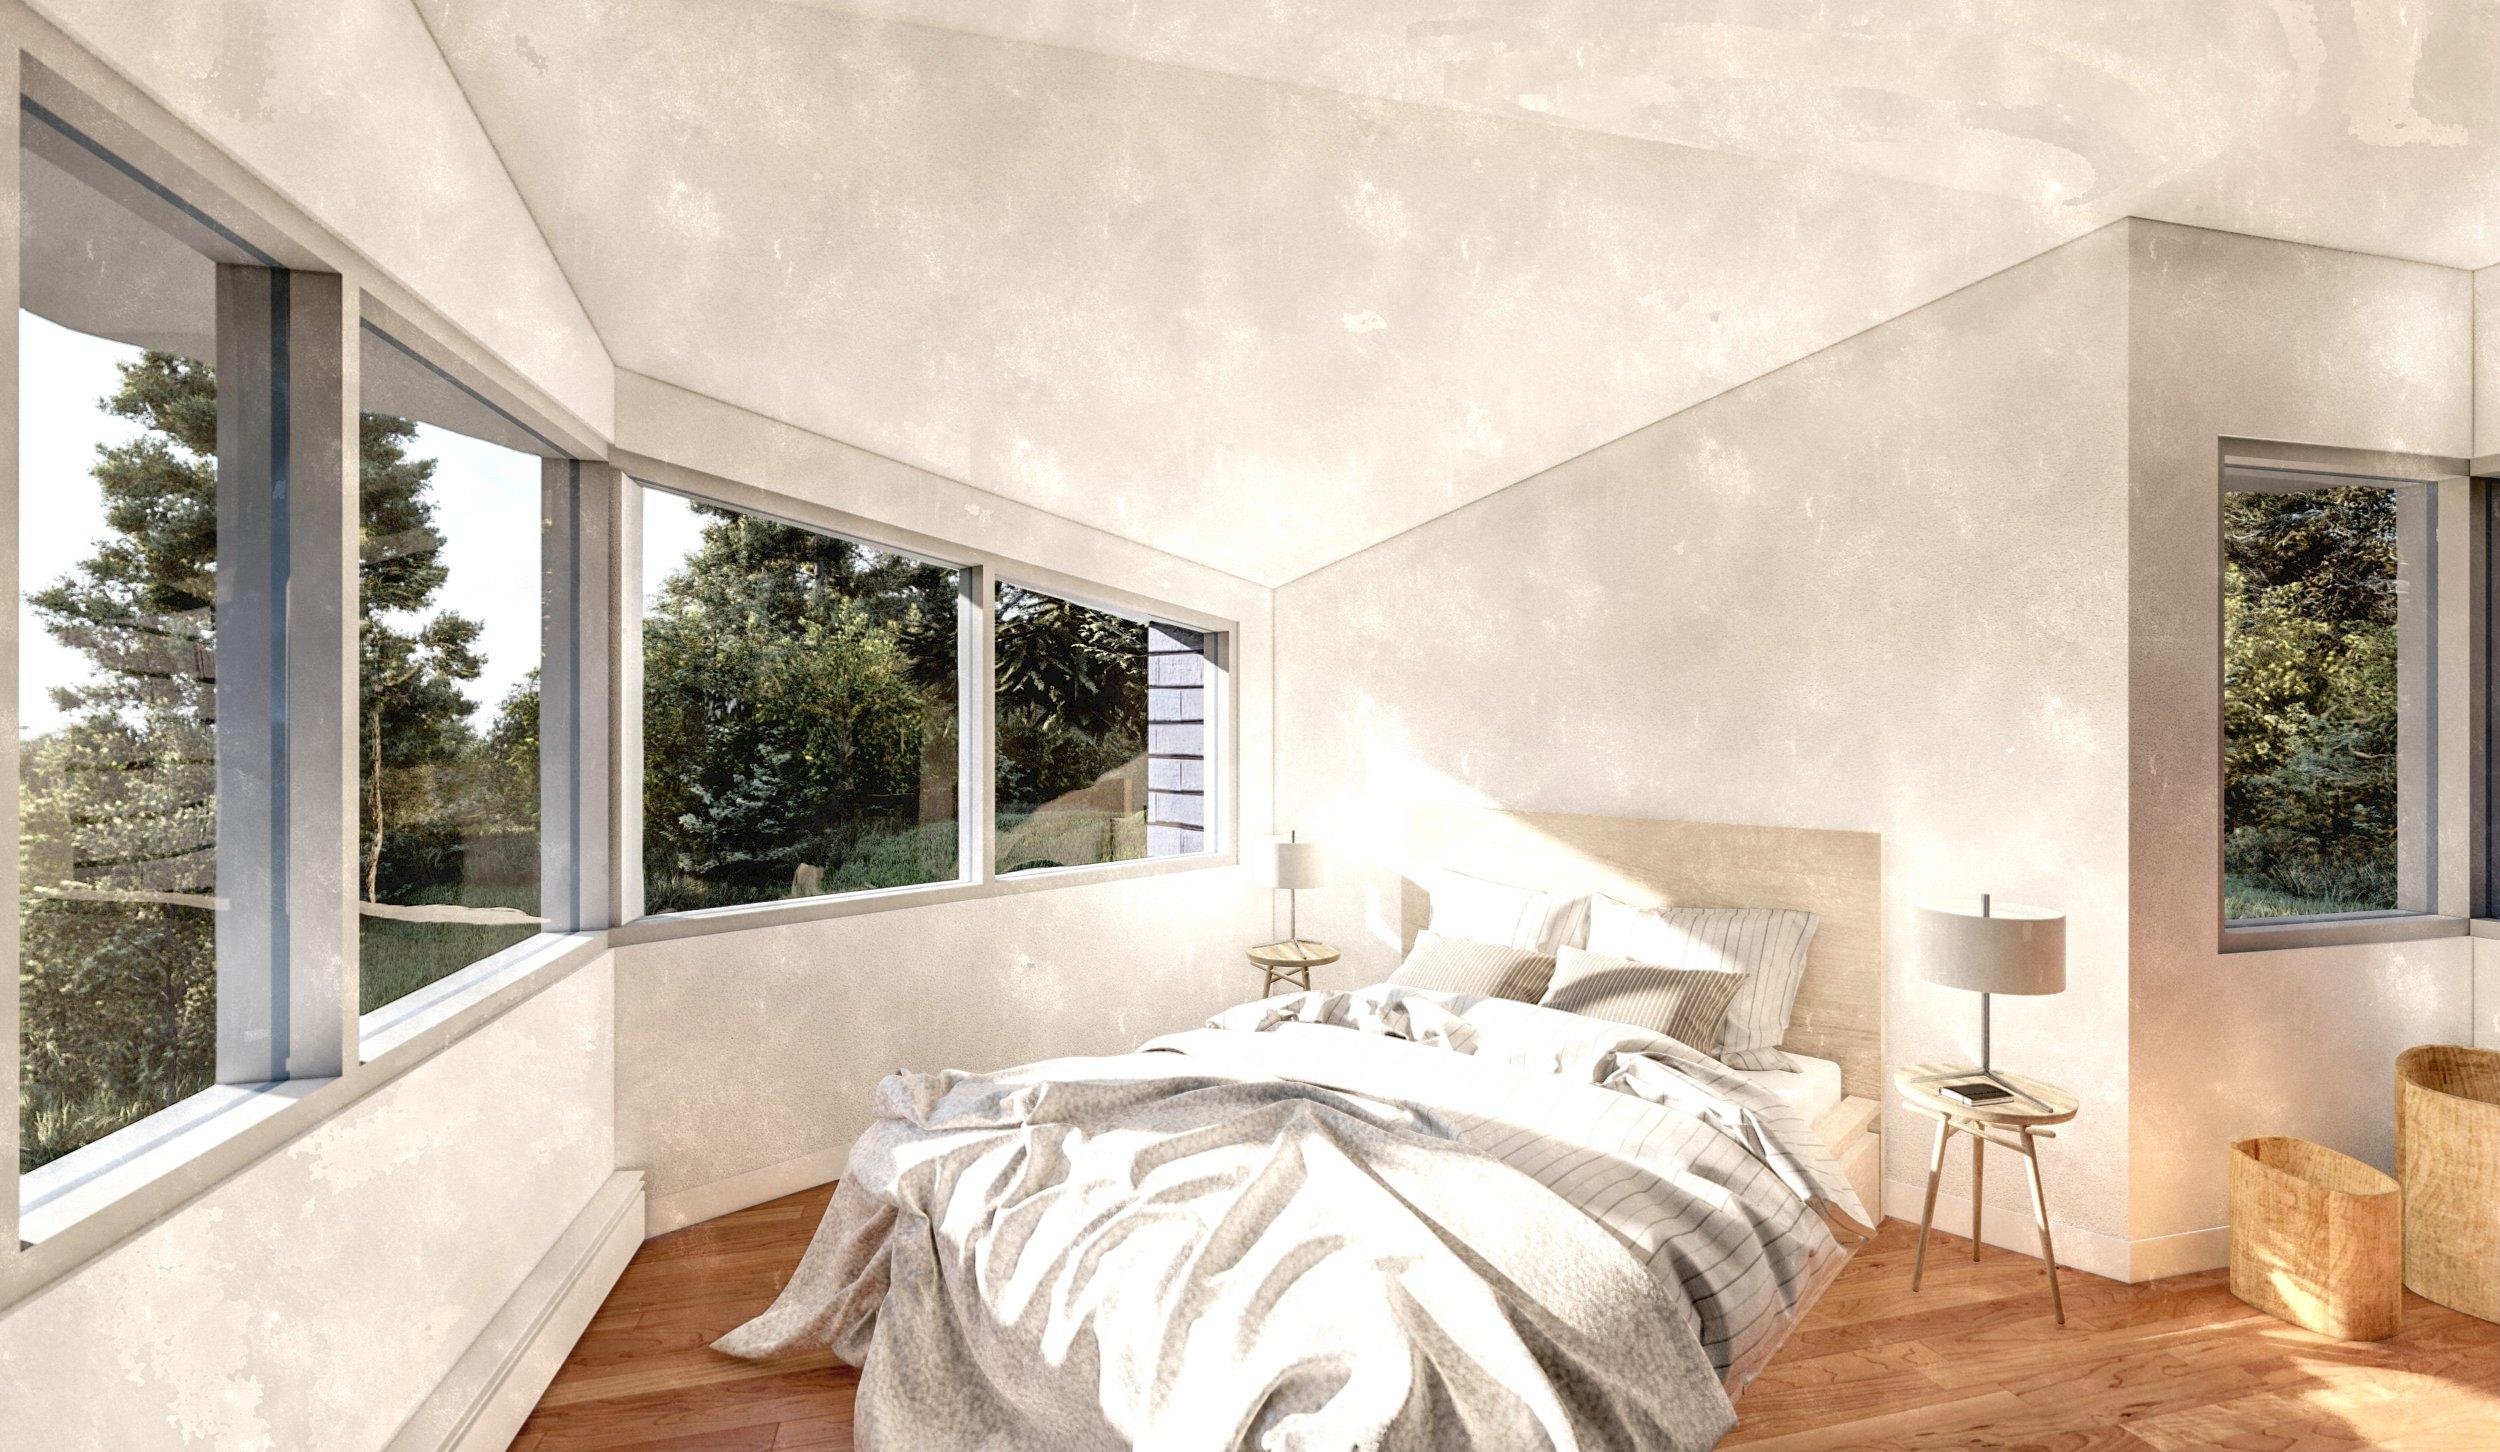 MidCentury Master Suite__Option 1 - Bedroom_FotoSketcher.jpg